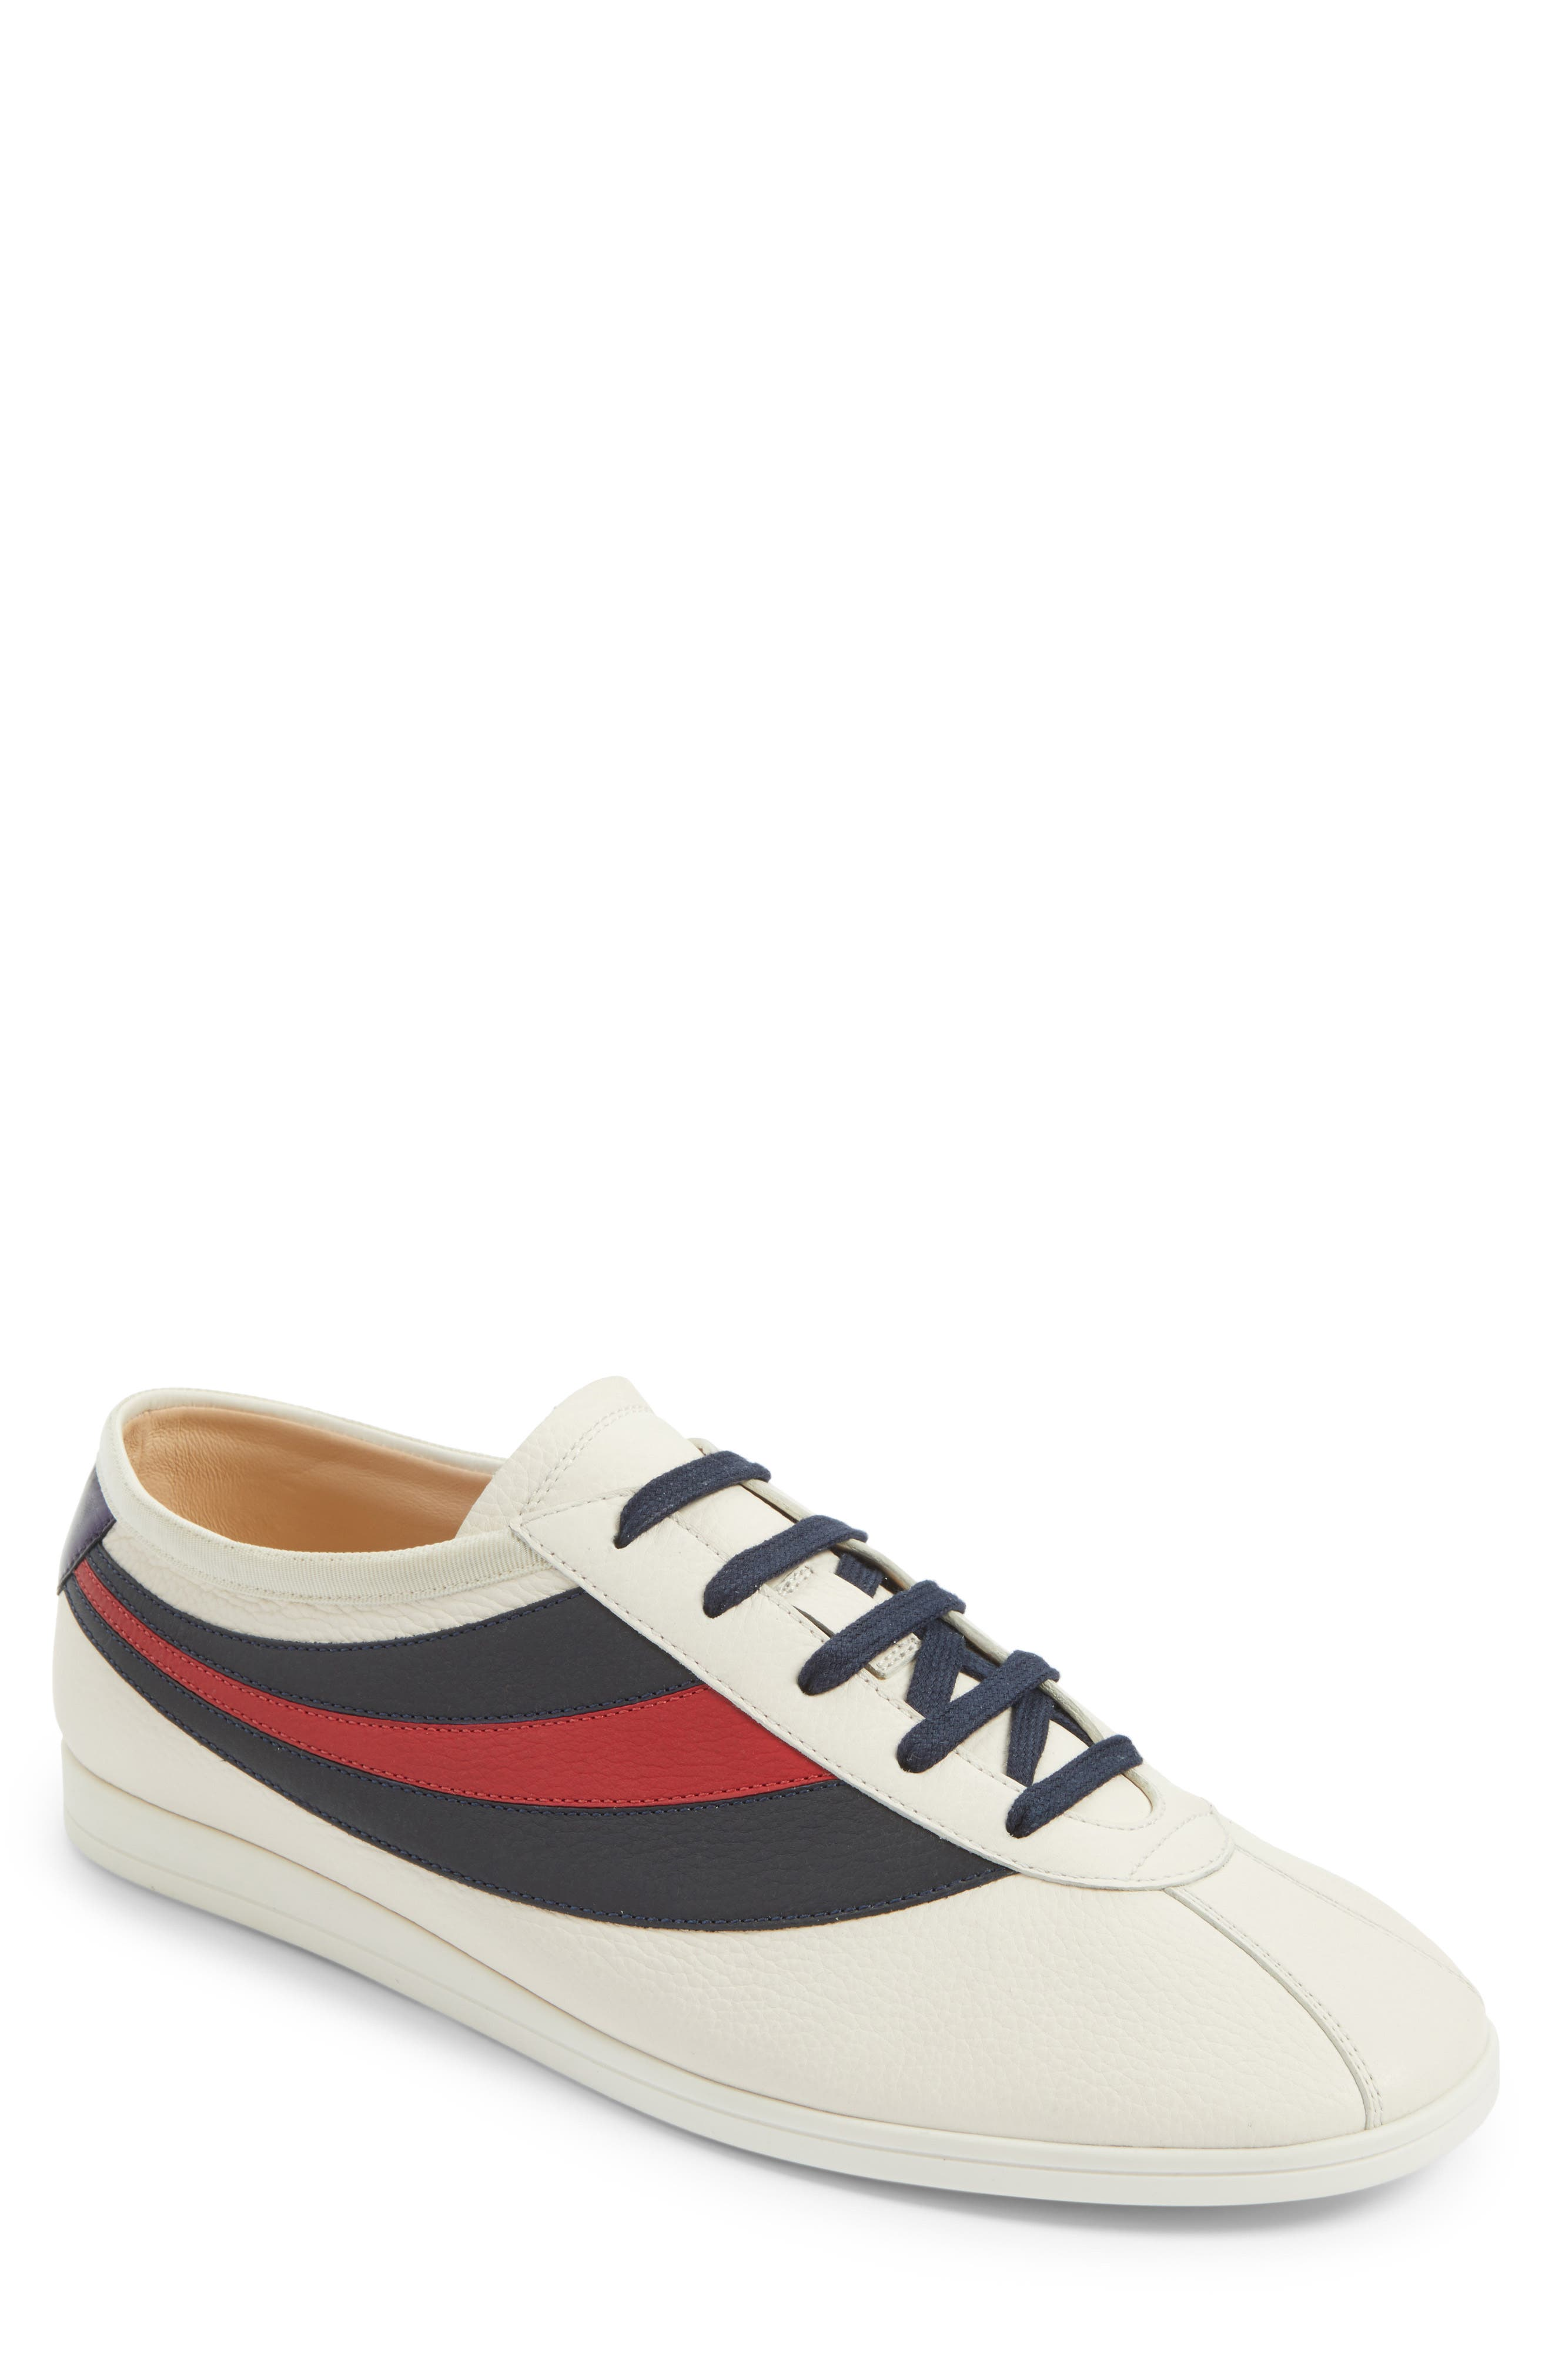 Main Image - Gucci Falacer Sneaker (Men)